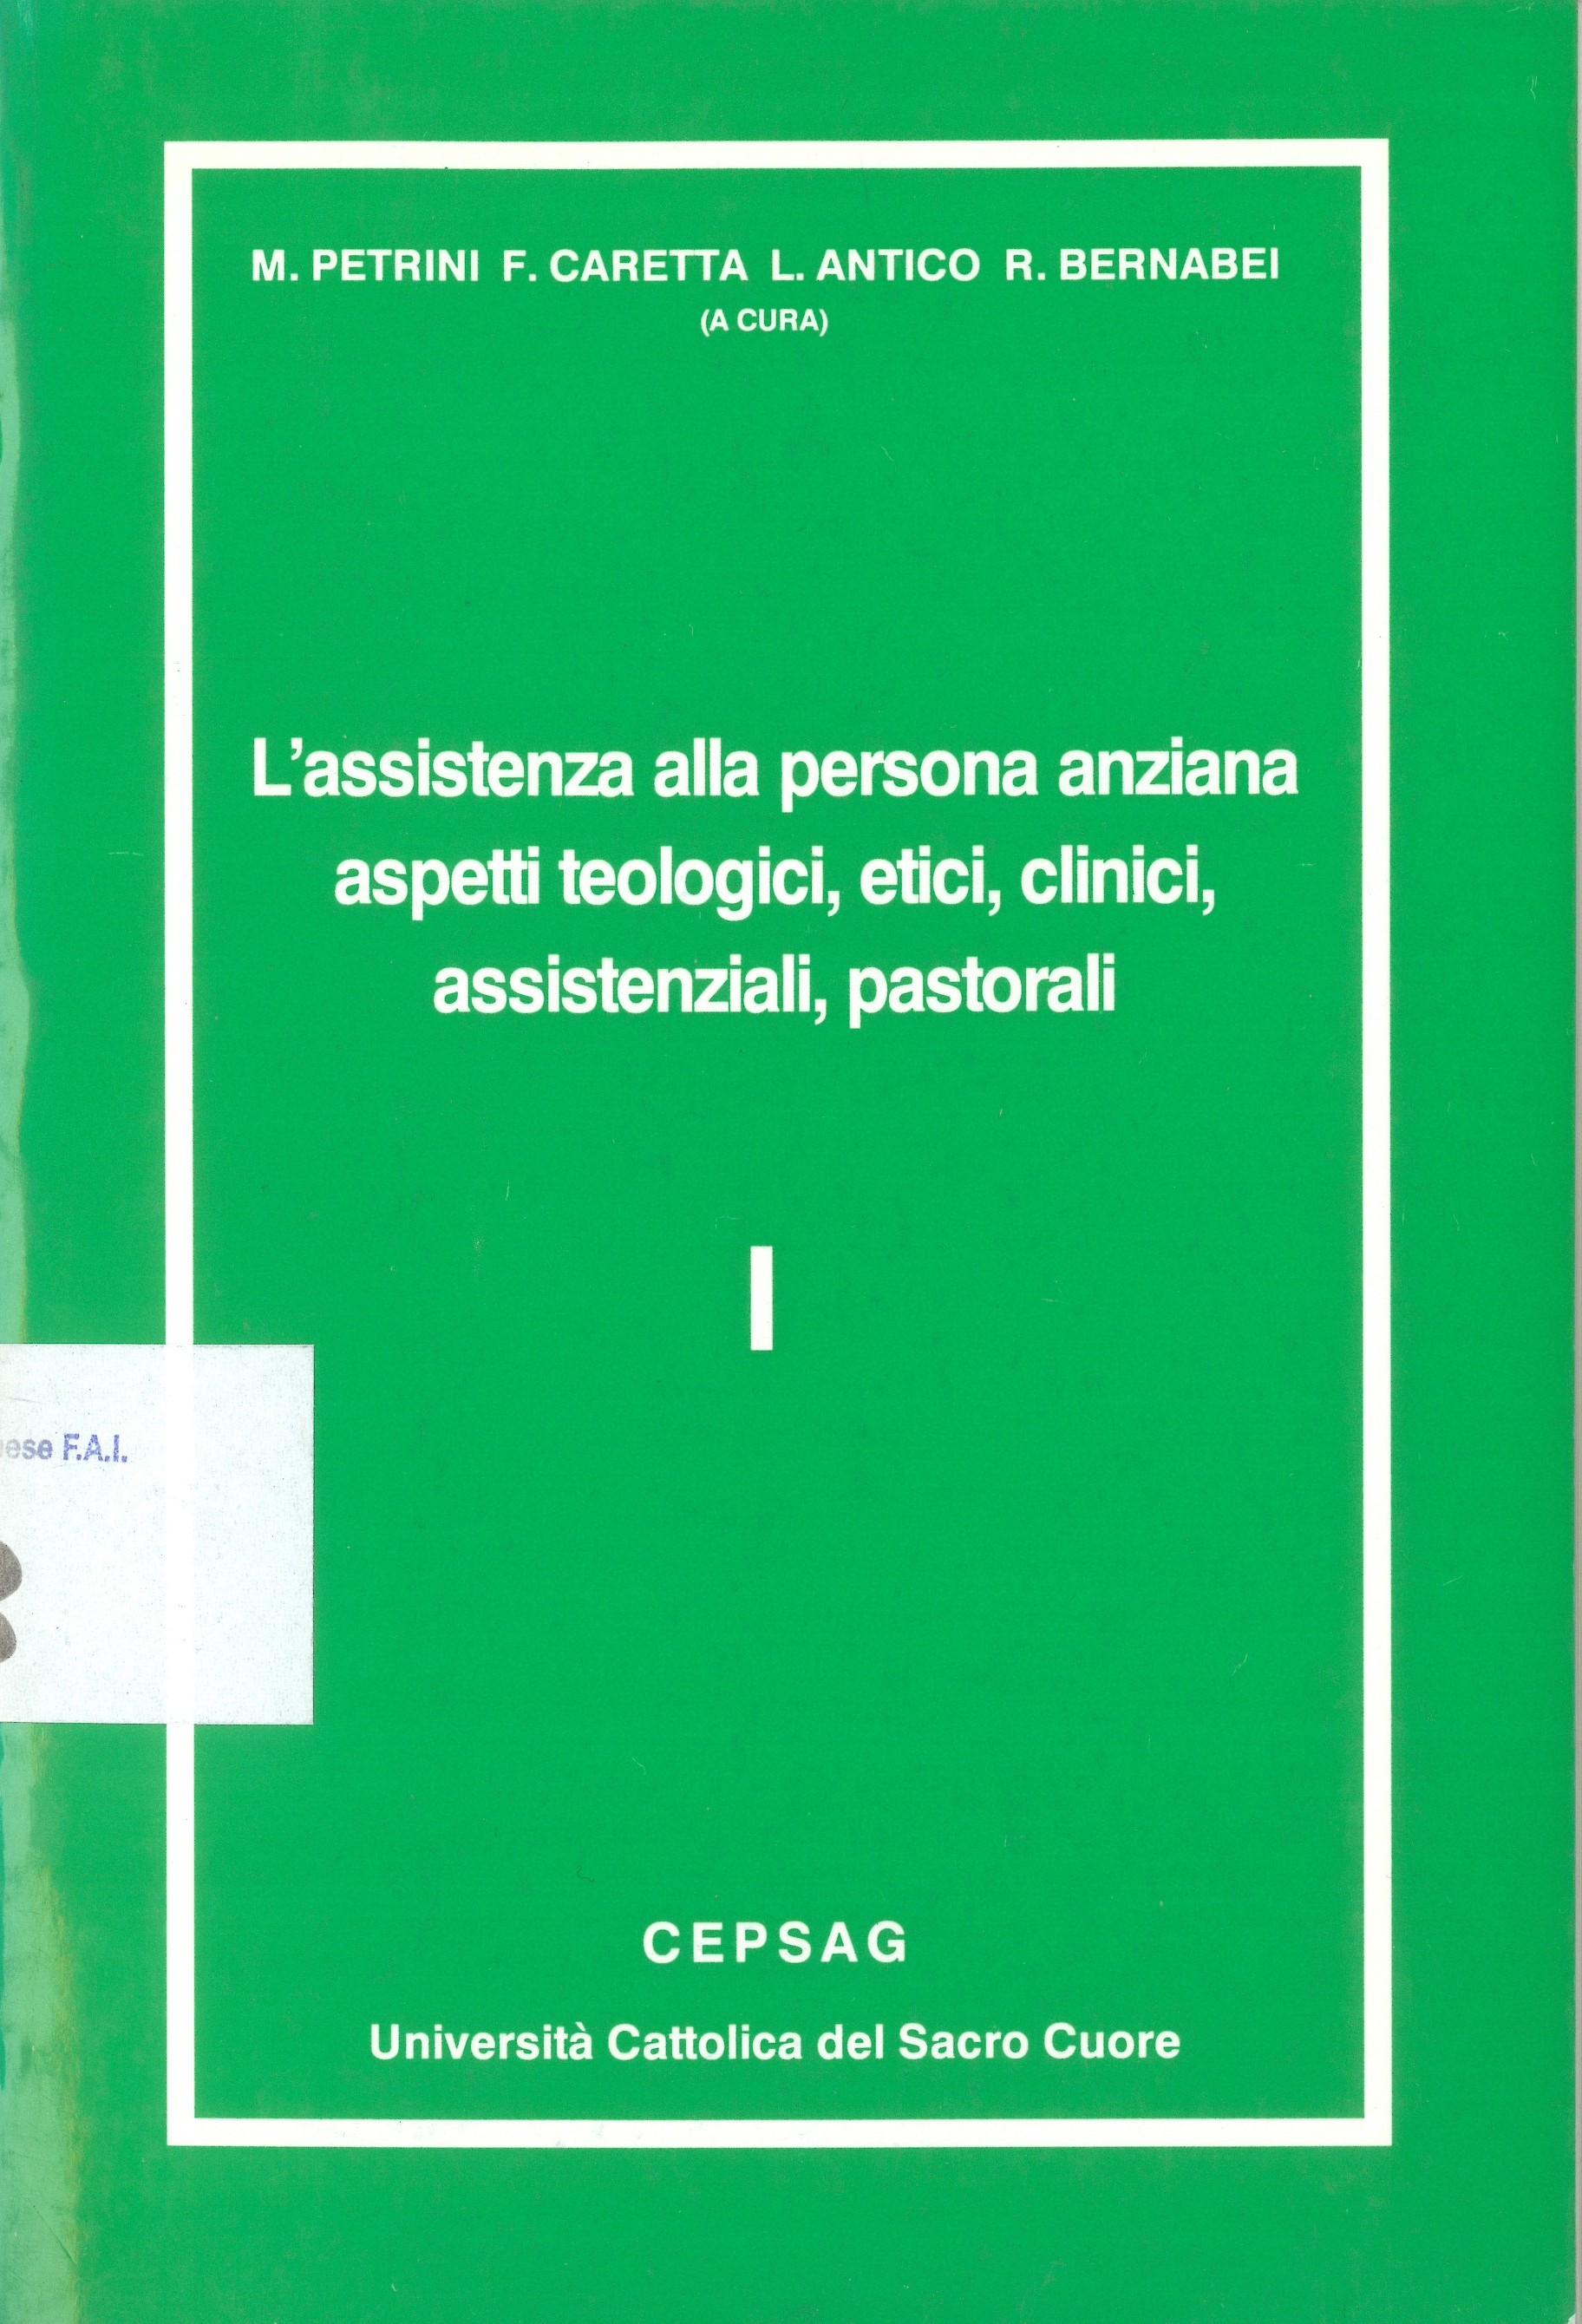 L'assistenza alla persona anziana. Aspetti teologici, etici, clinici, assistenziali, pastorali - vol. 1